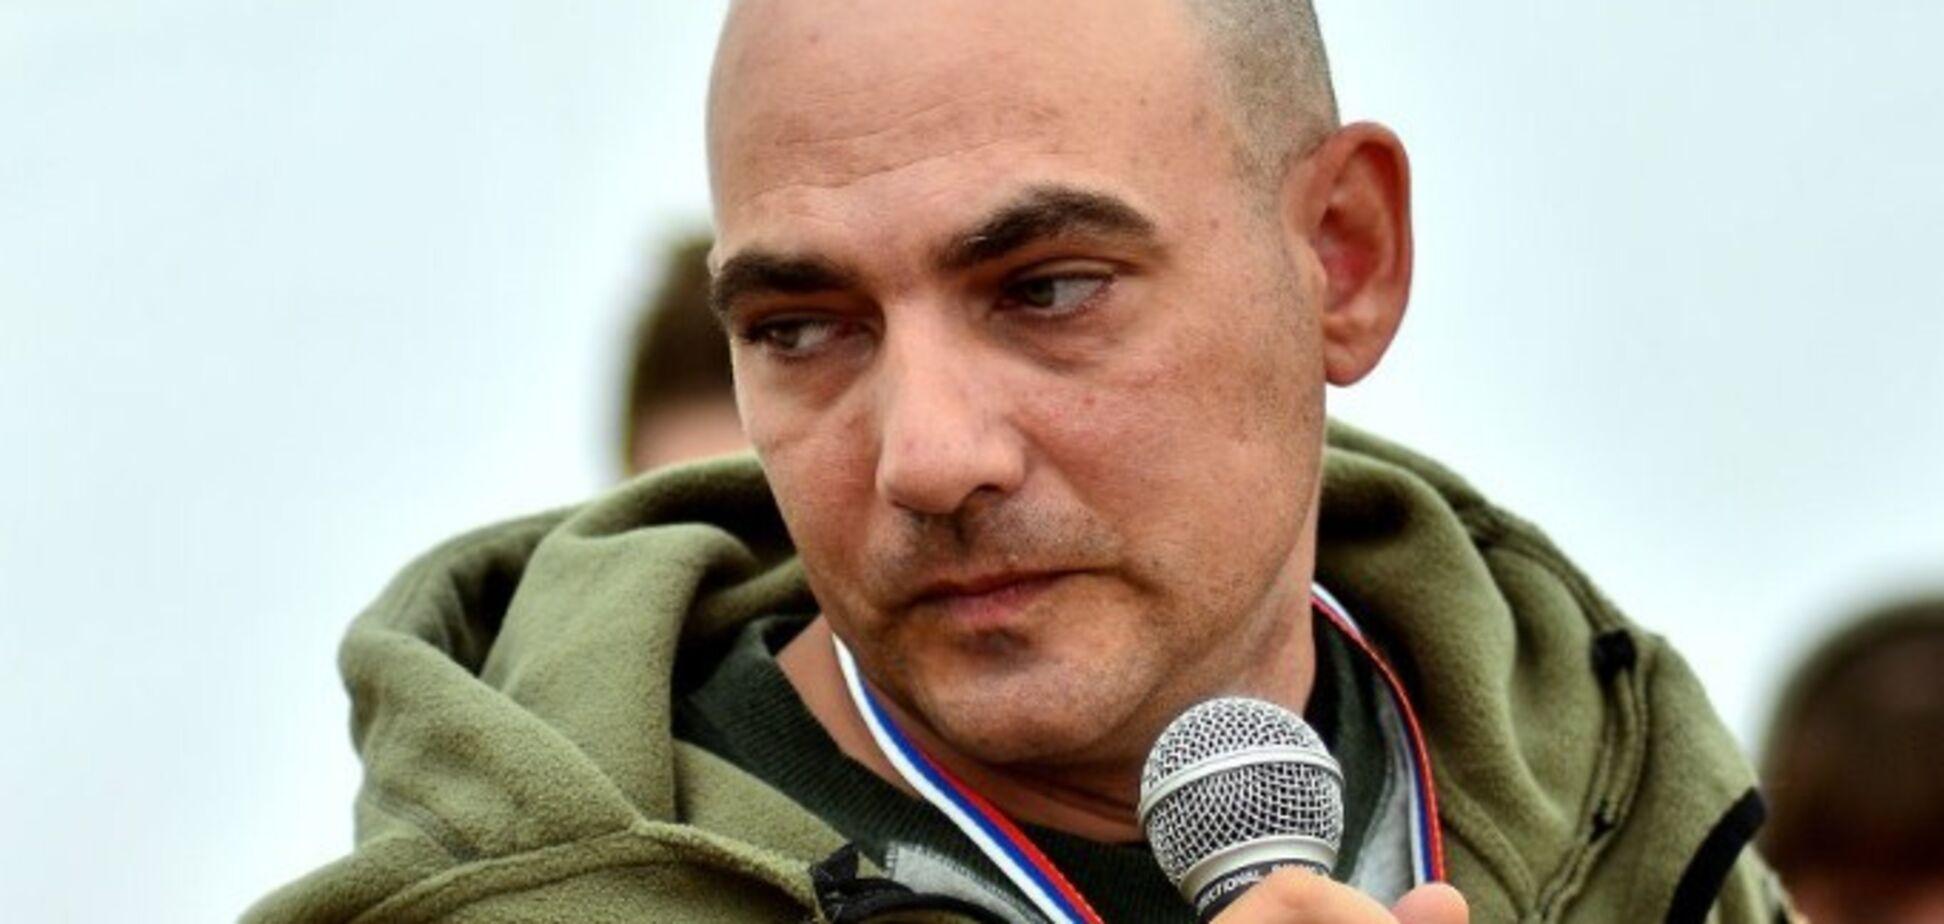 Пропагандист Кремля пригрозил украинцам 'кислыми временами'